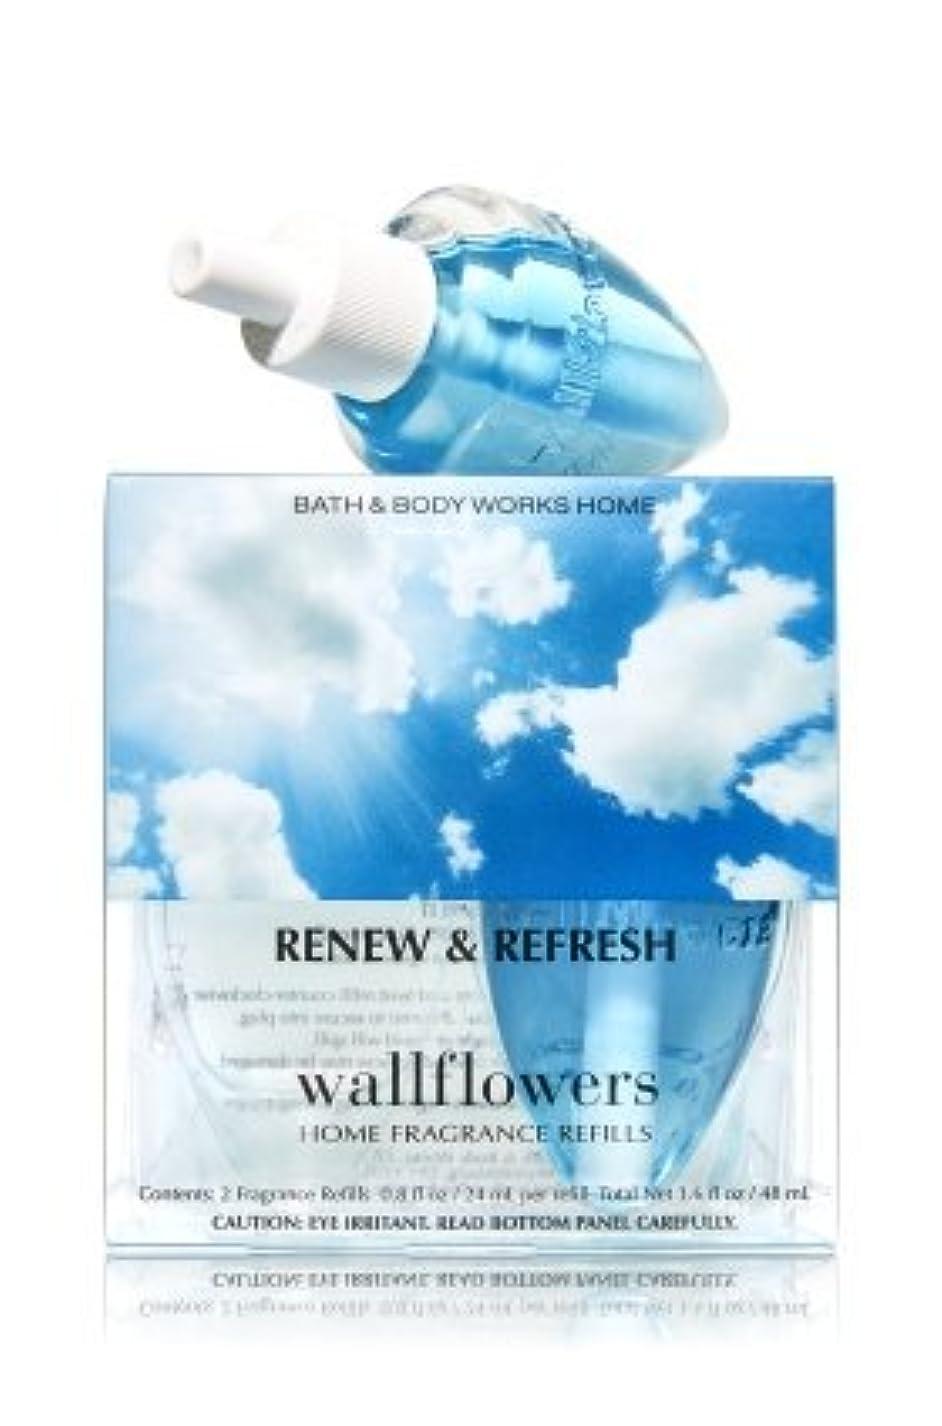 コンクリートスコットランド人質素な【Bath&Body Works/バス&ボディワークス】 ホームフレグランス 詰替えリフィル(2個入り) リニュー&リフレッシュ Wallflowers Home Fragrance 2-Pack Refills Renew & Refresh [並行輸入品]